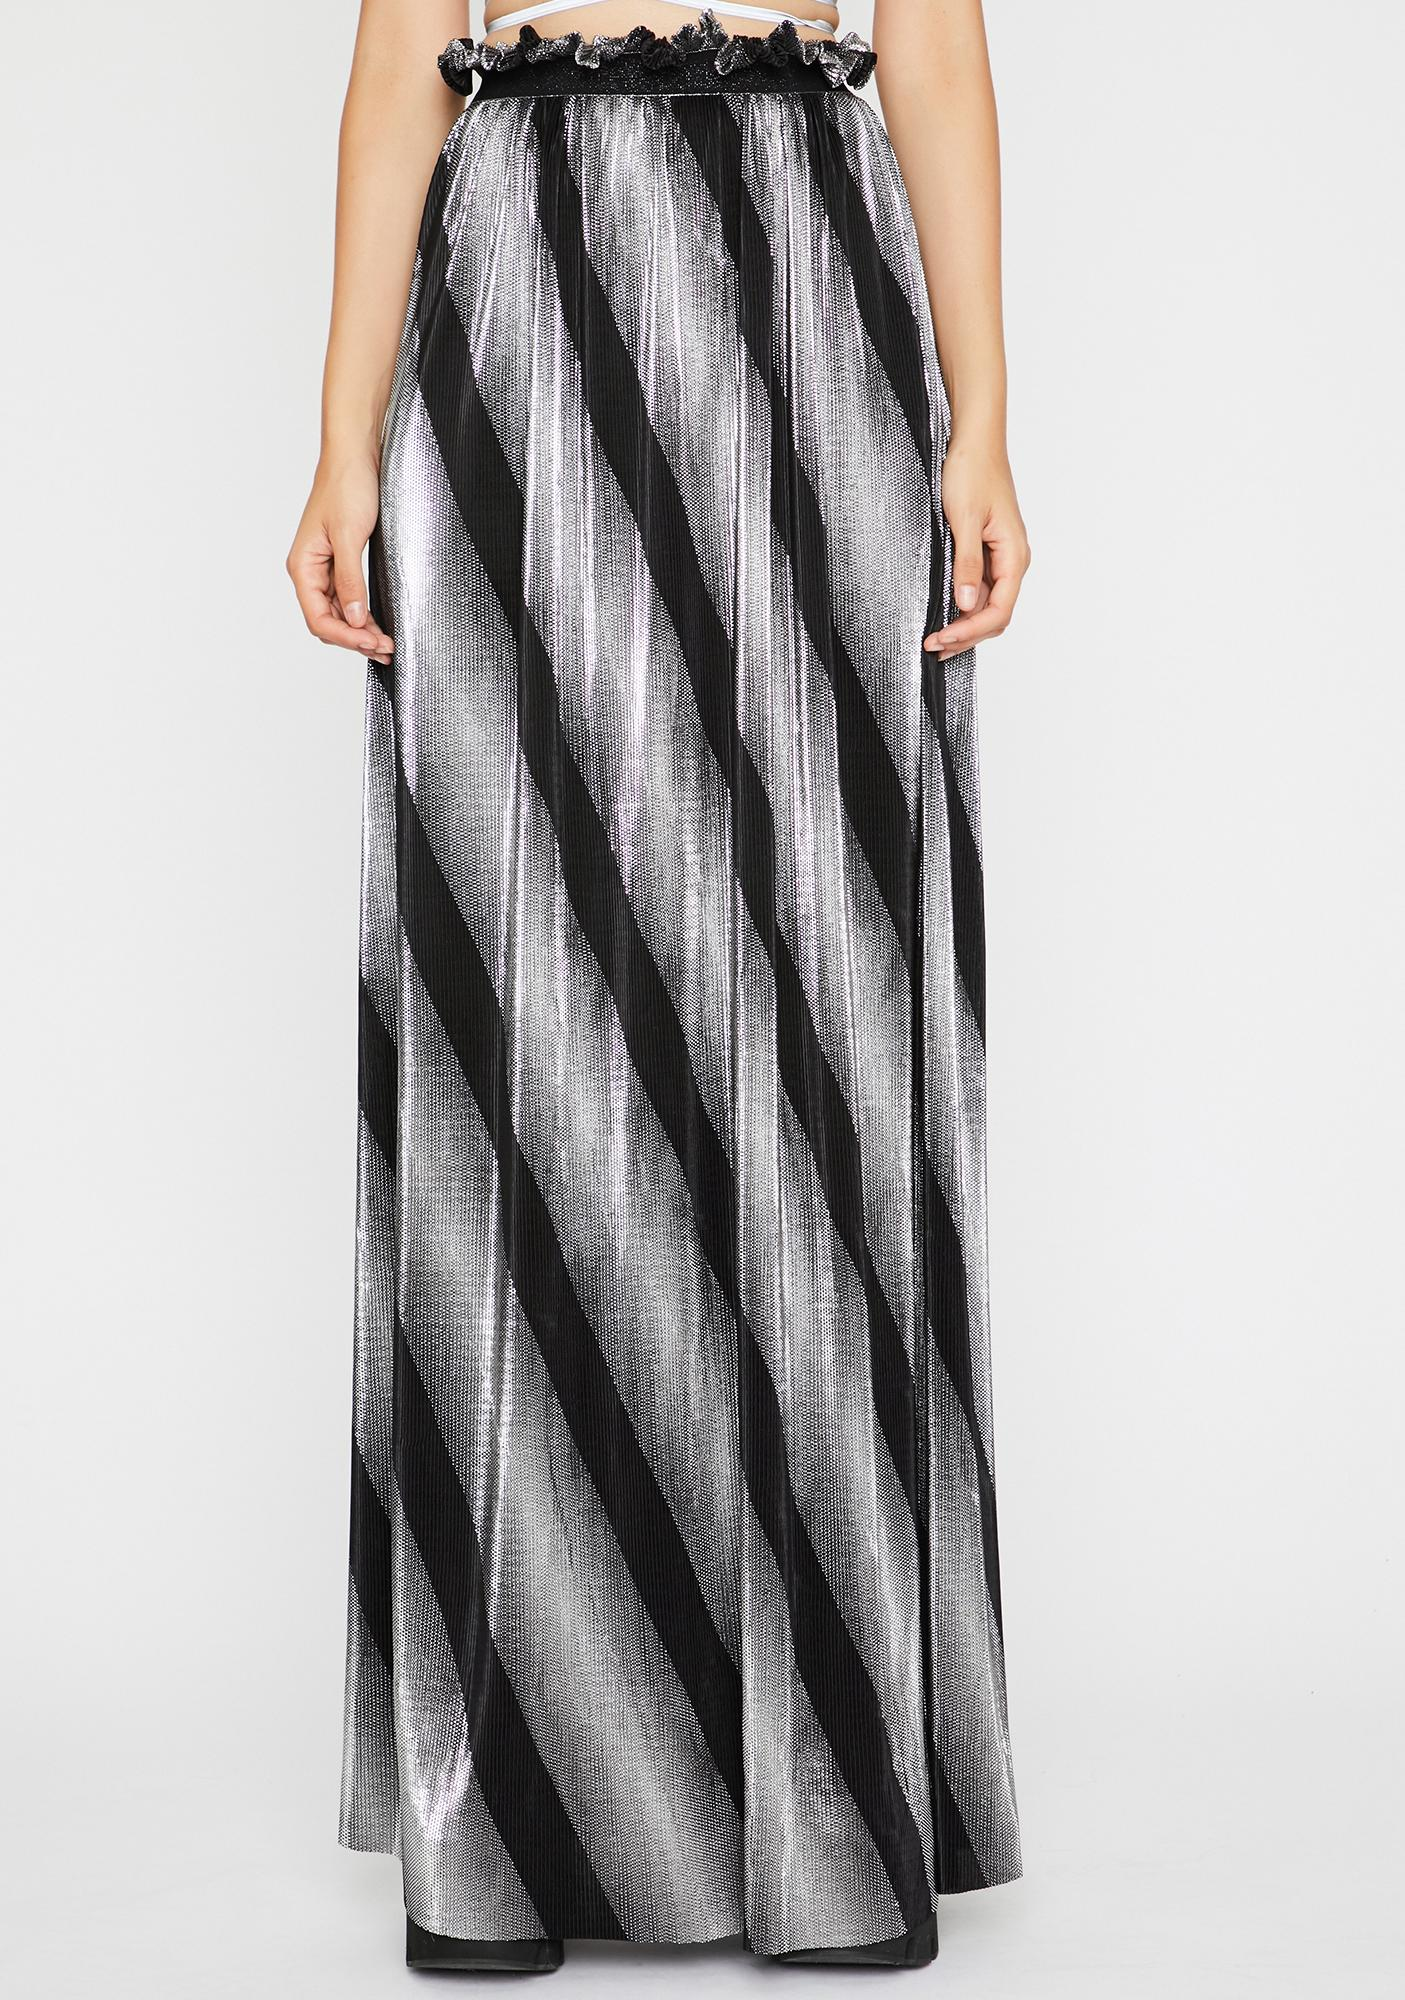 Chrome Dimensional Barbarian Skirt